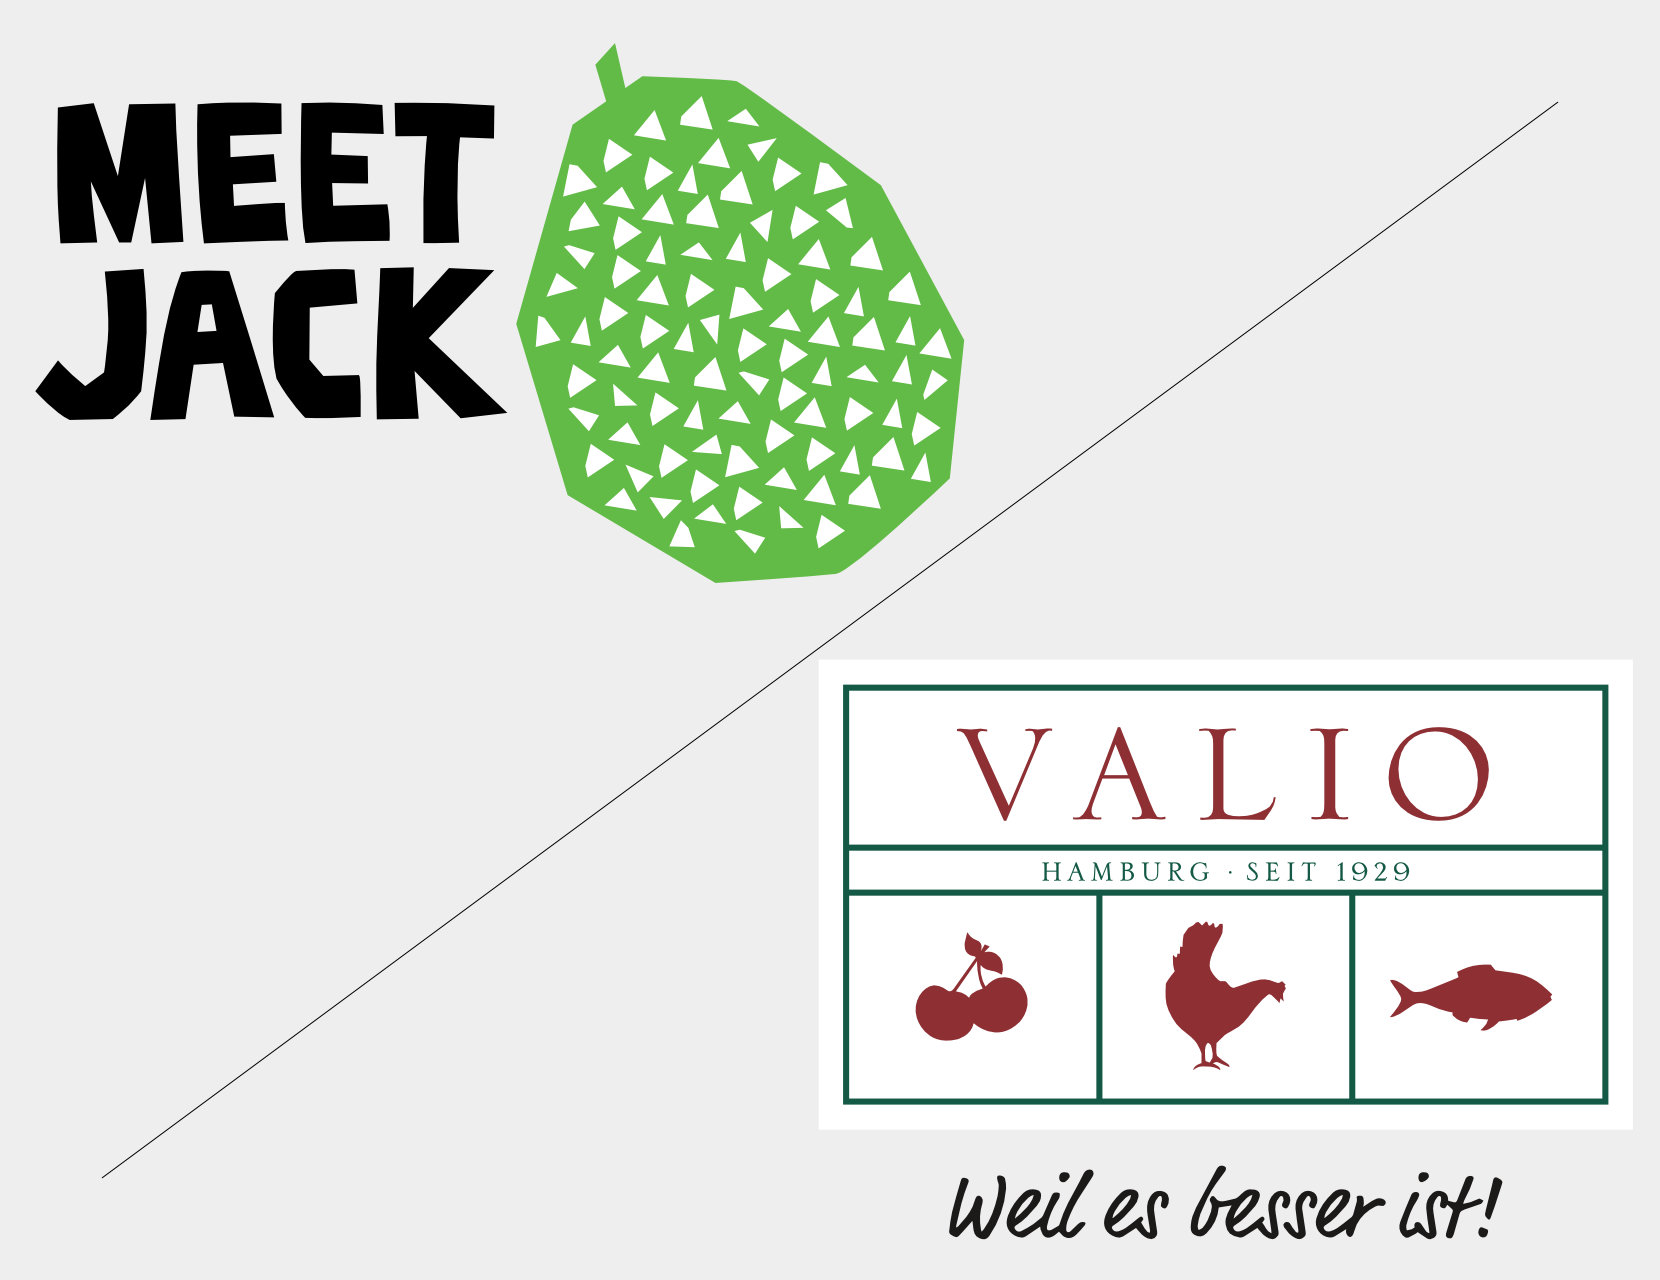 Meet Jack-Valio Press Release